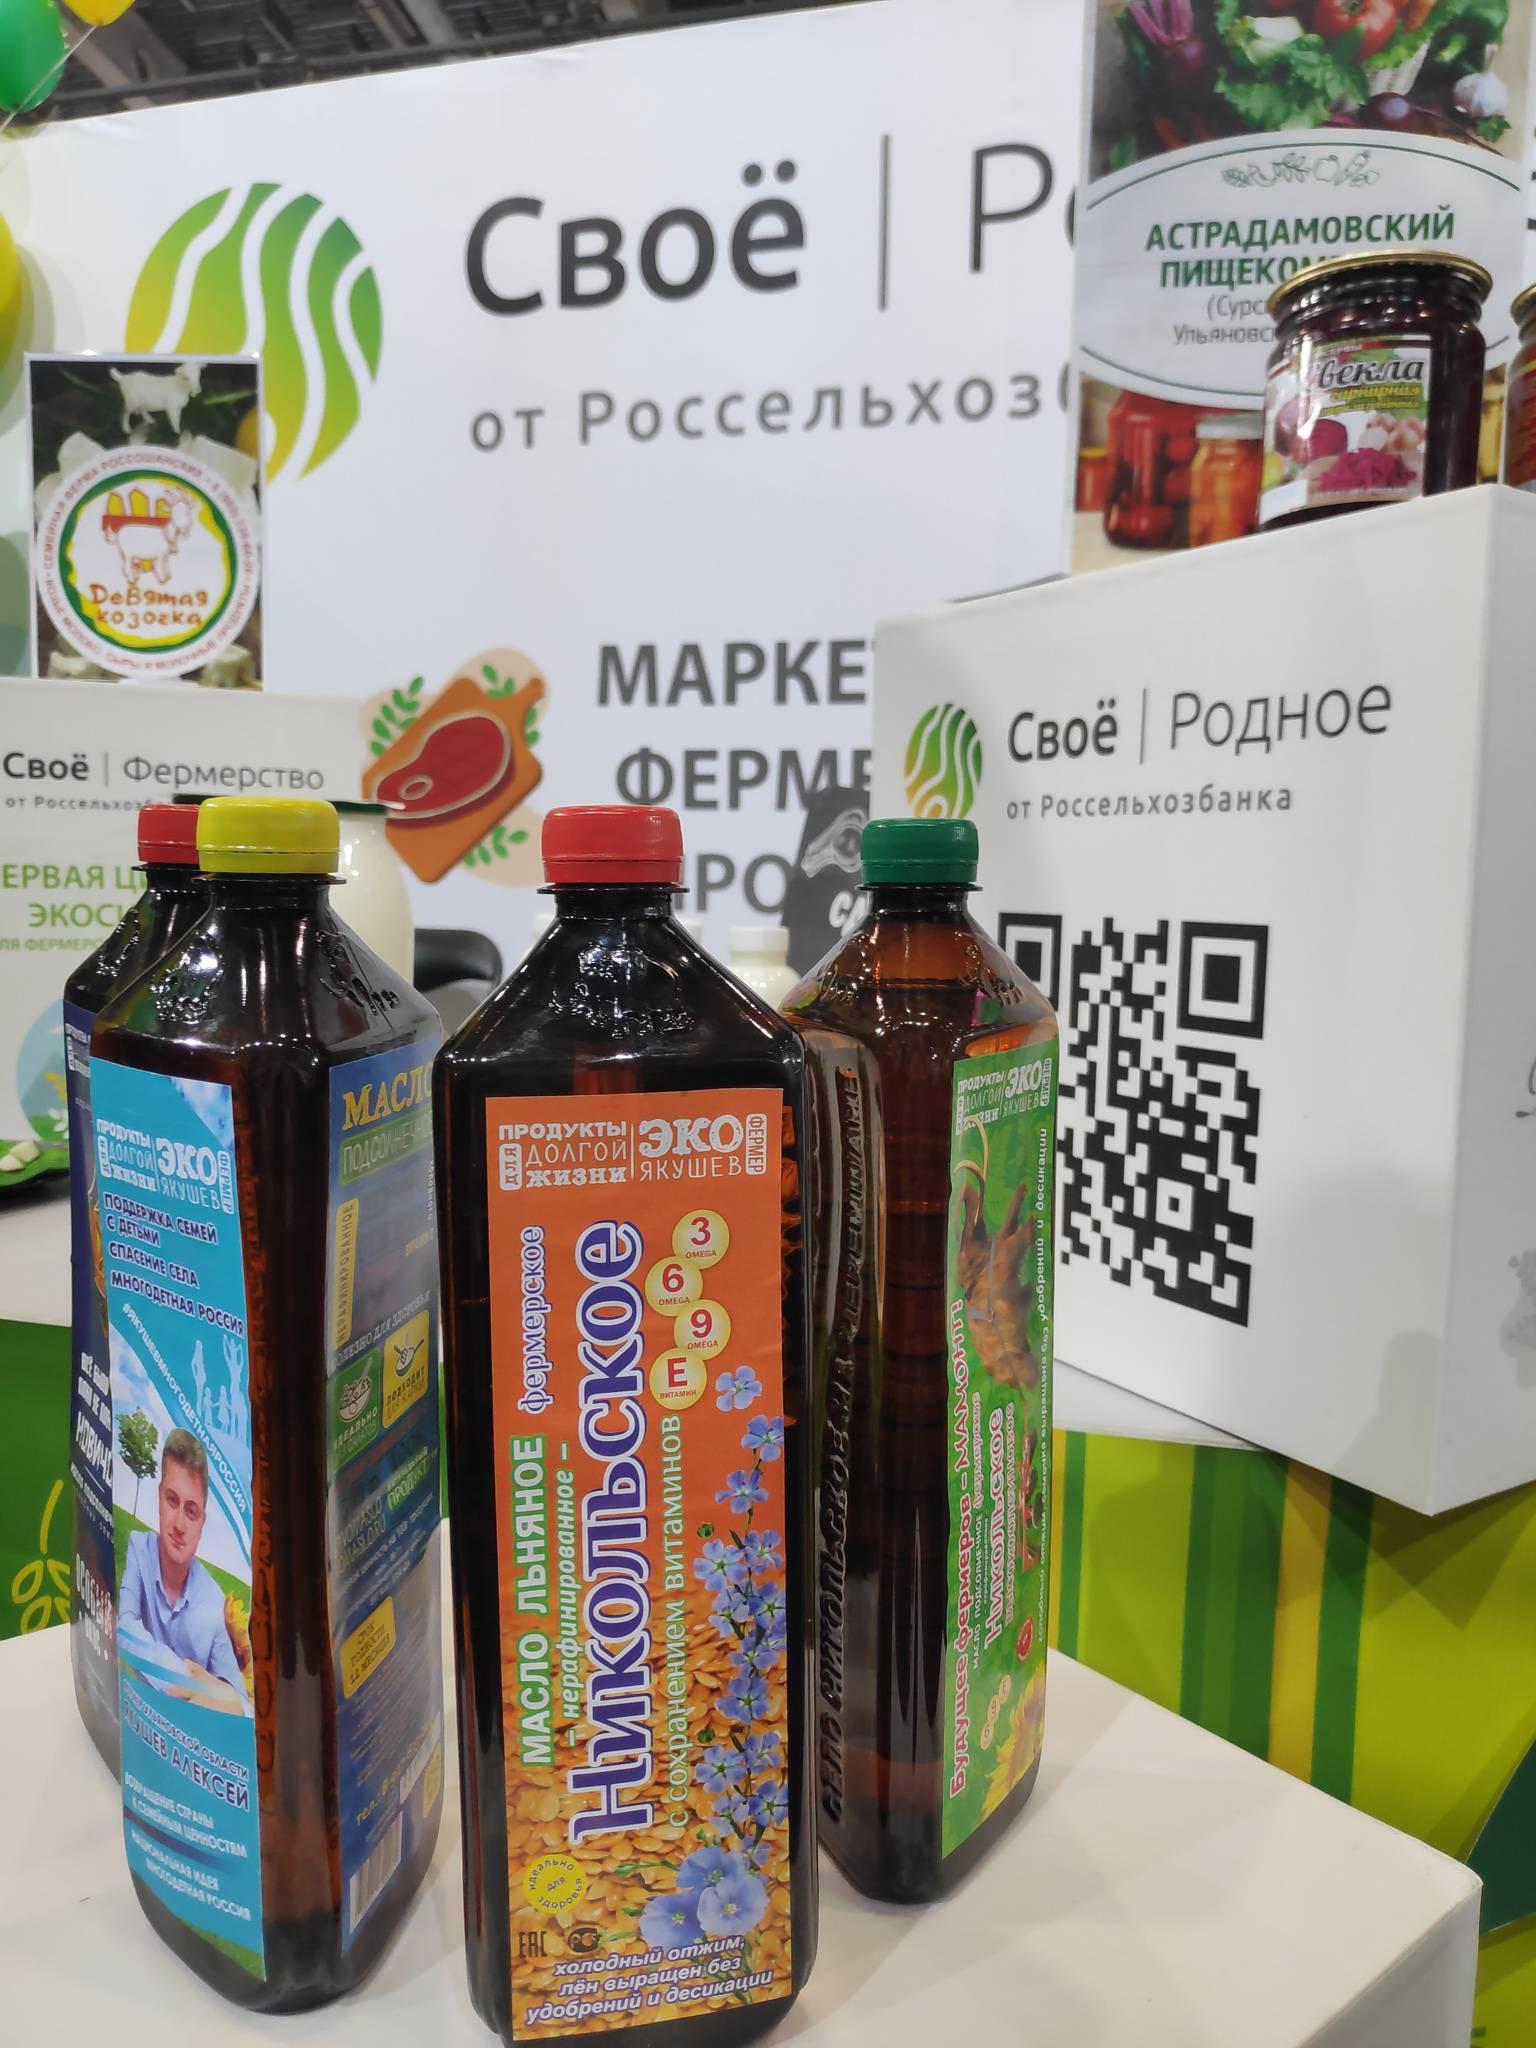 Экологически чистое растительное (подсолнечное и льняное) масло от Экофермы Алексея Якушева.